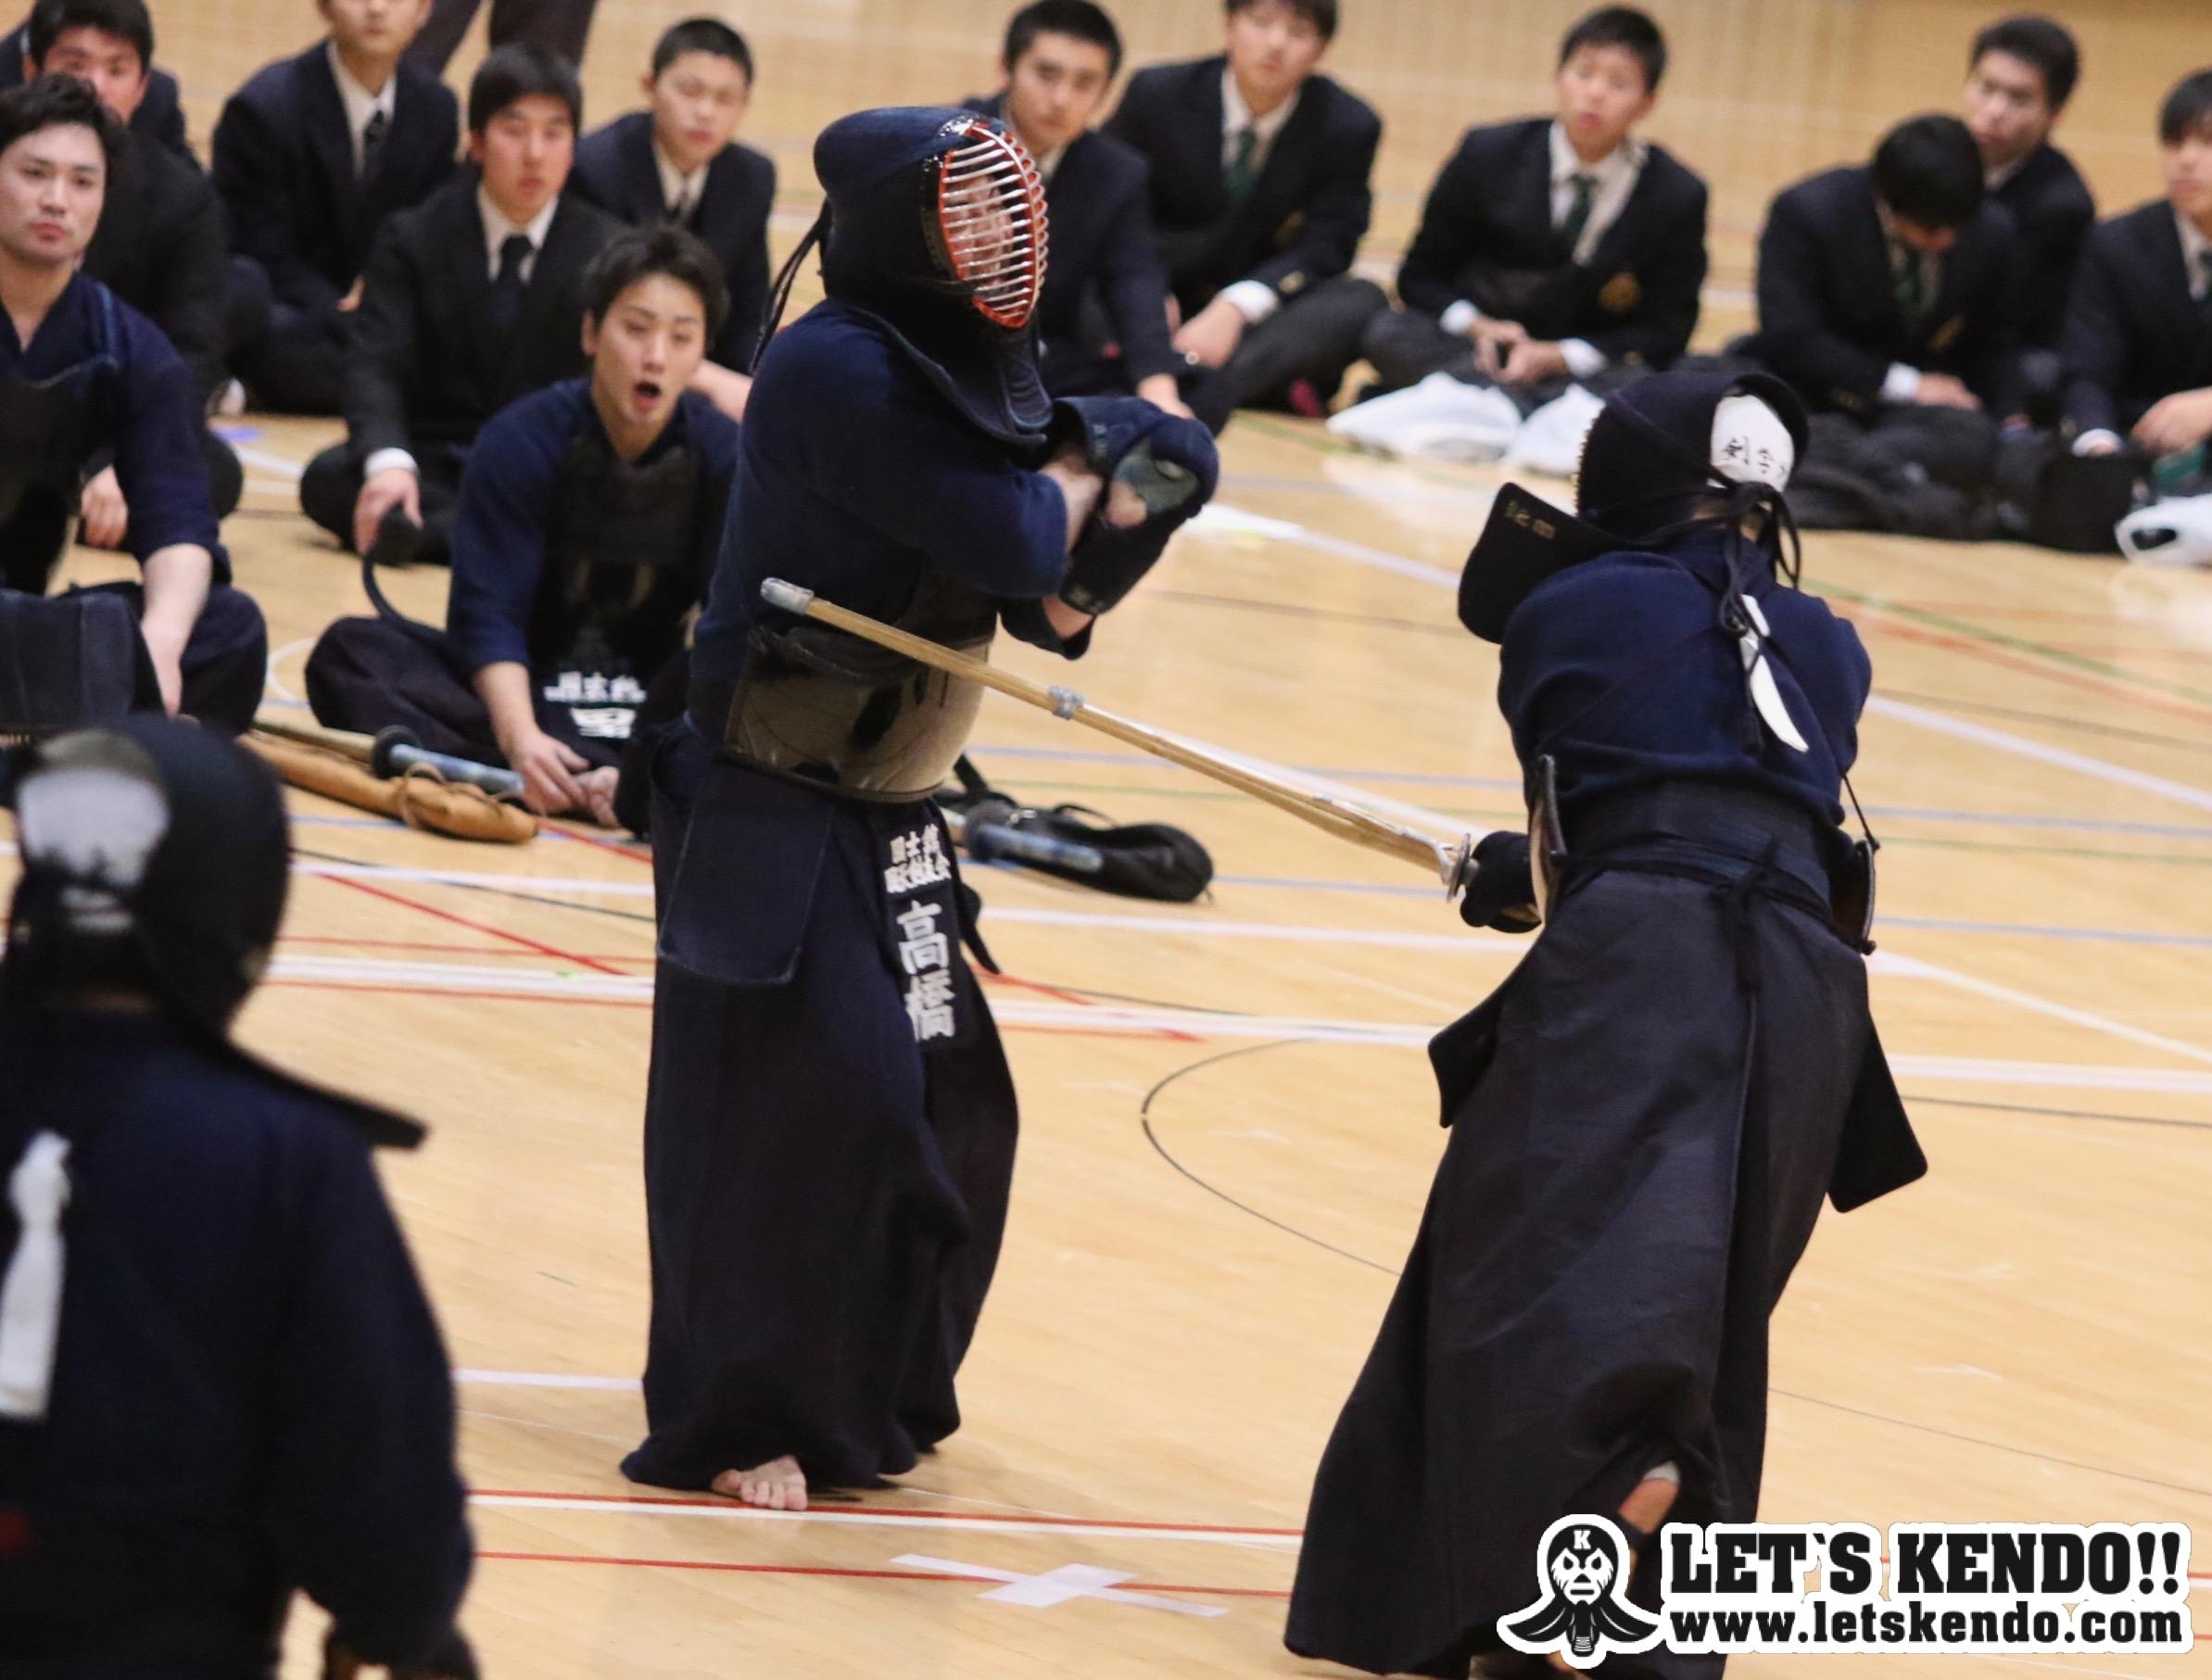 【速報&生配信】12/17 H29第28回学連剣友剣道大会